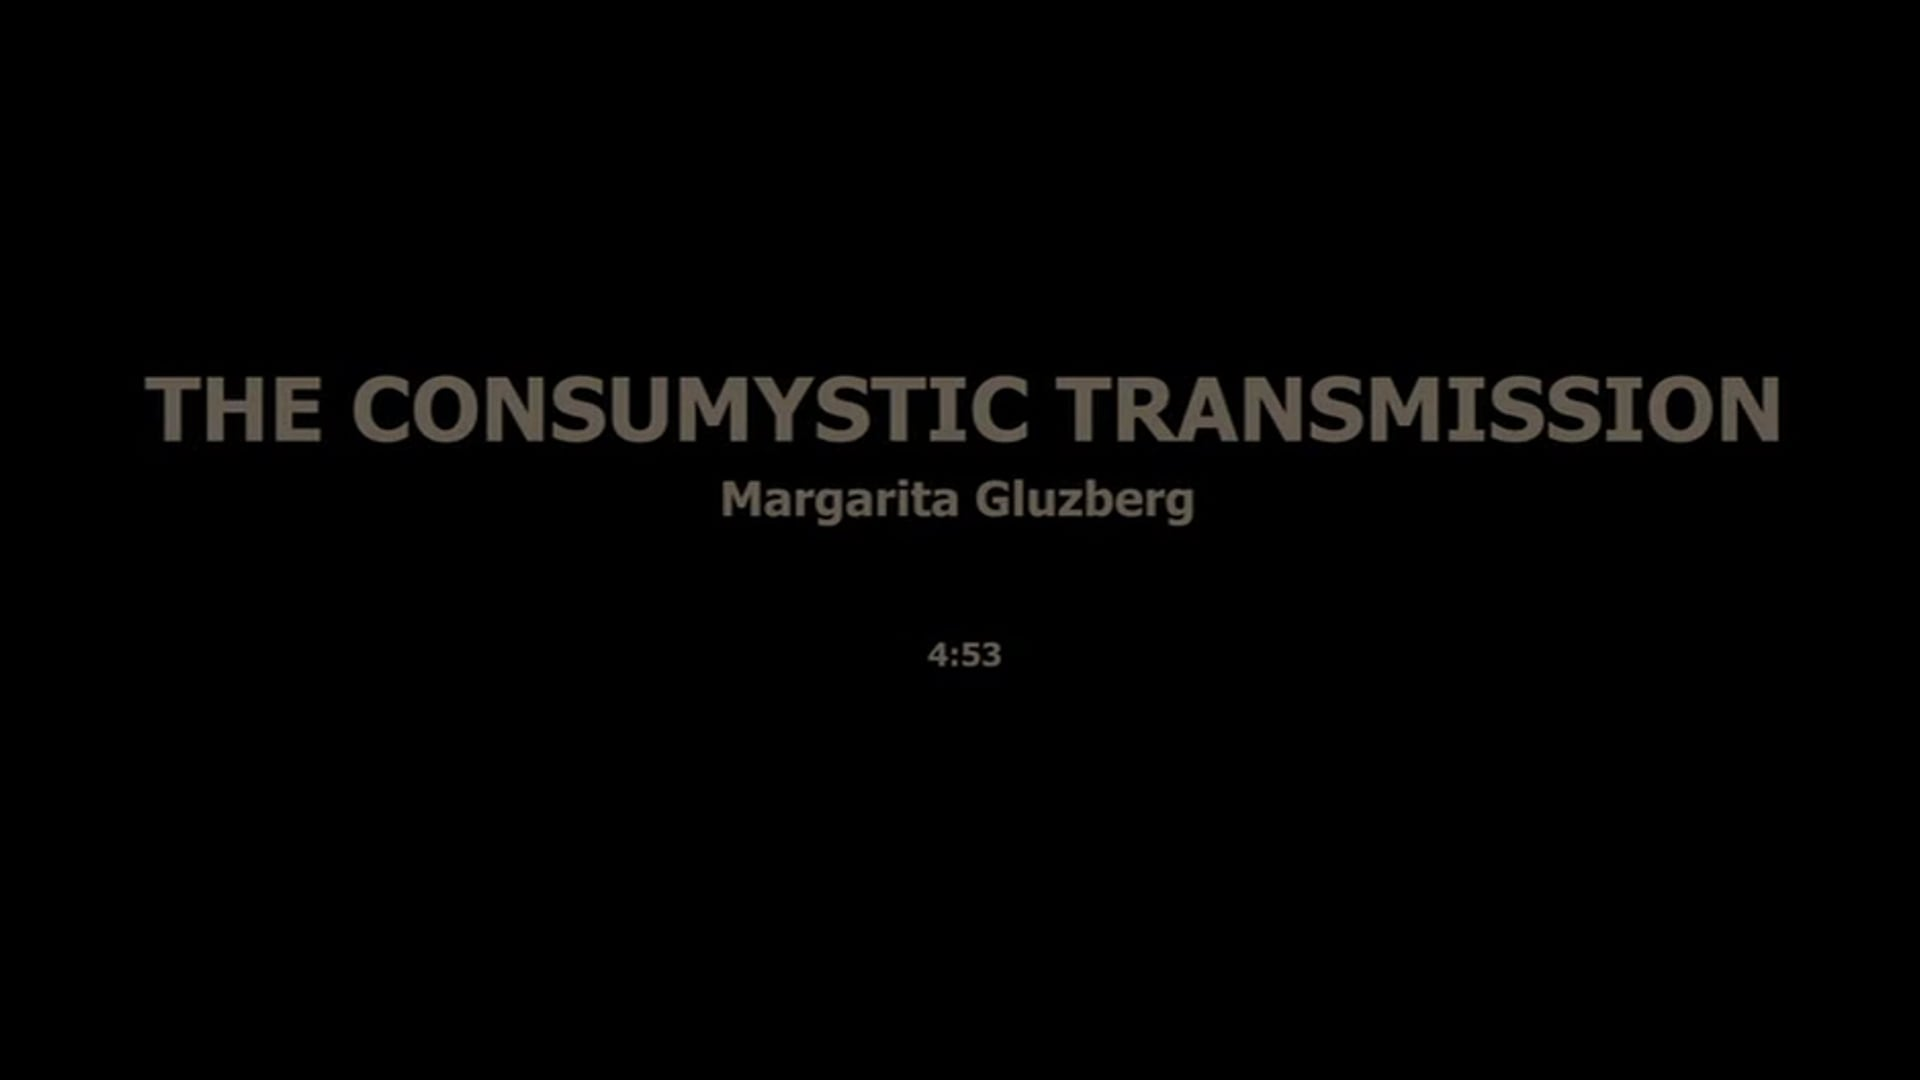 THE CONSUMYSTIC TRANSMISSION - MARGARITA GLUZBERG